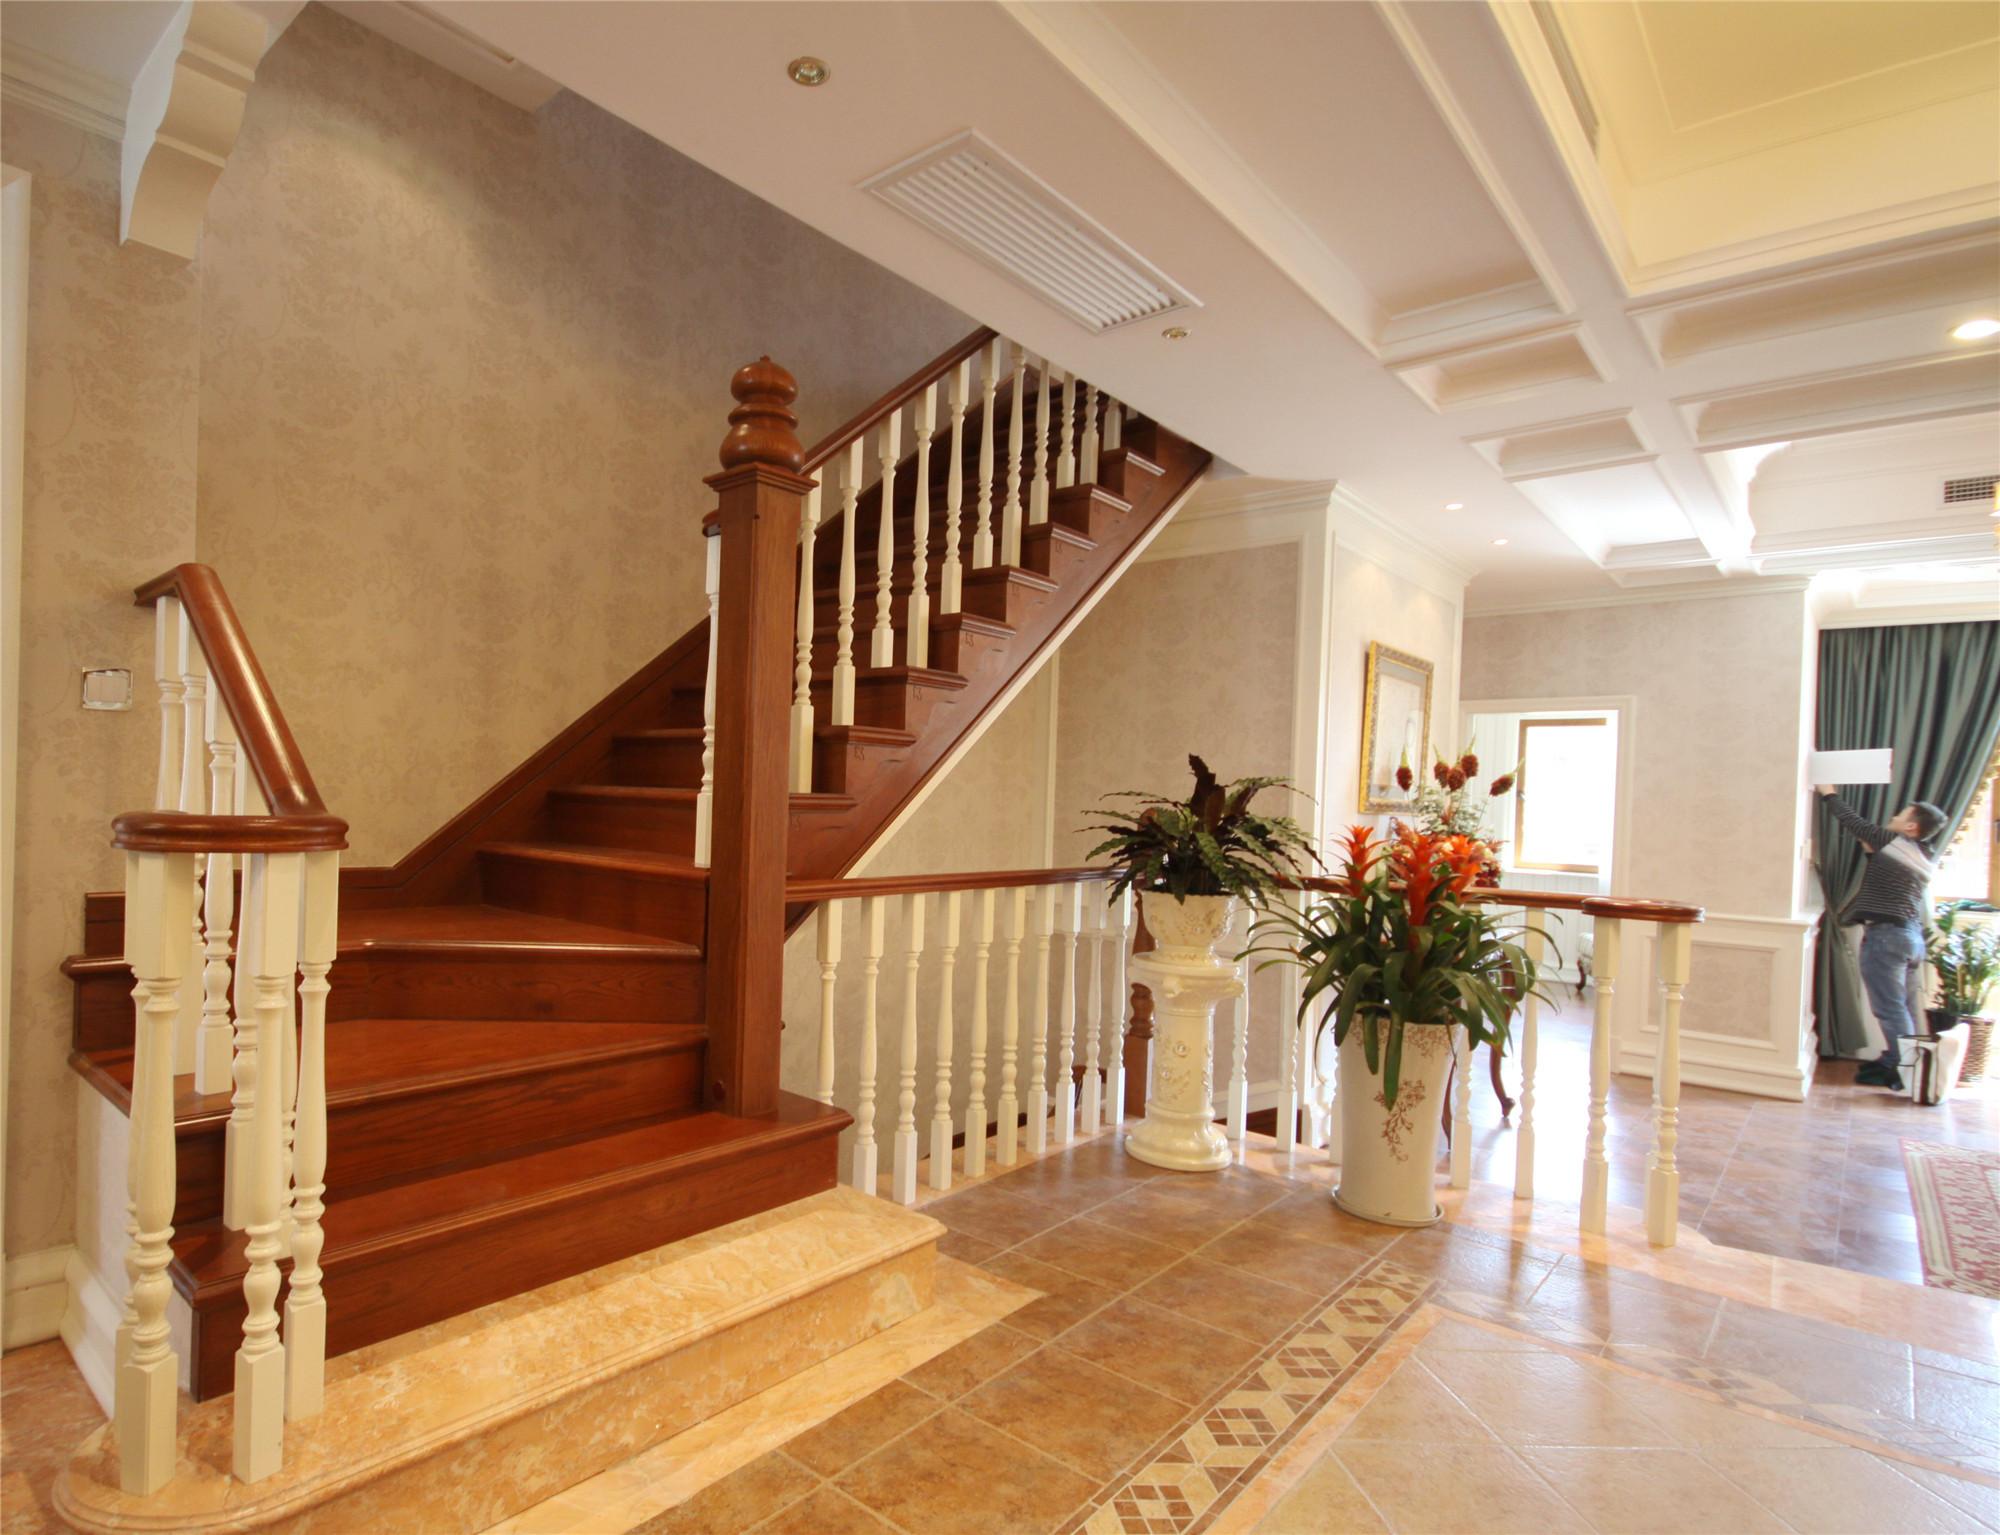 新古典复式别墅装修楼梯间设计